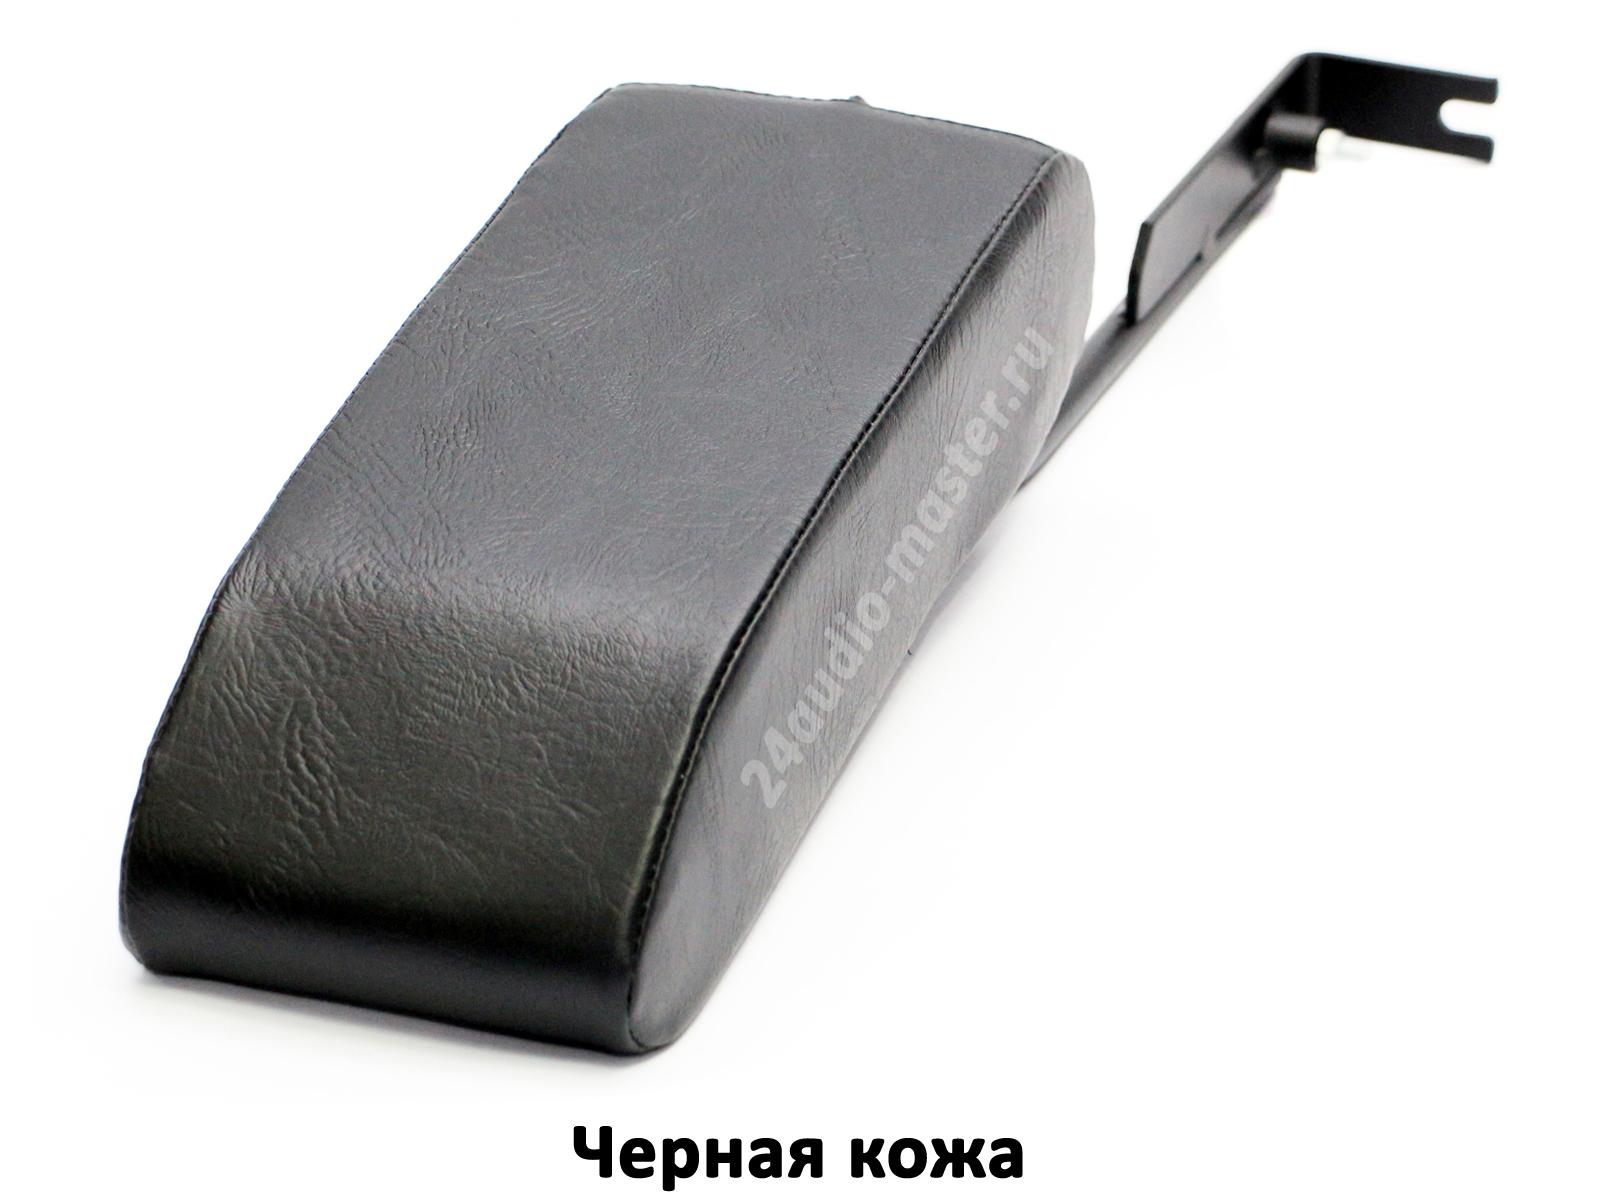 chernaja_kozha